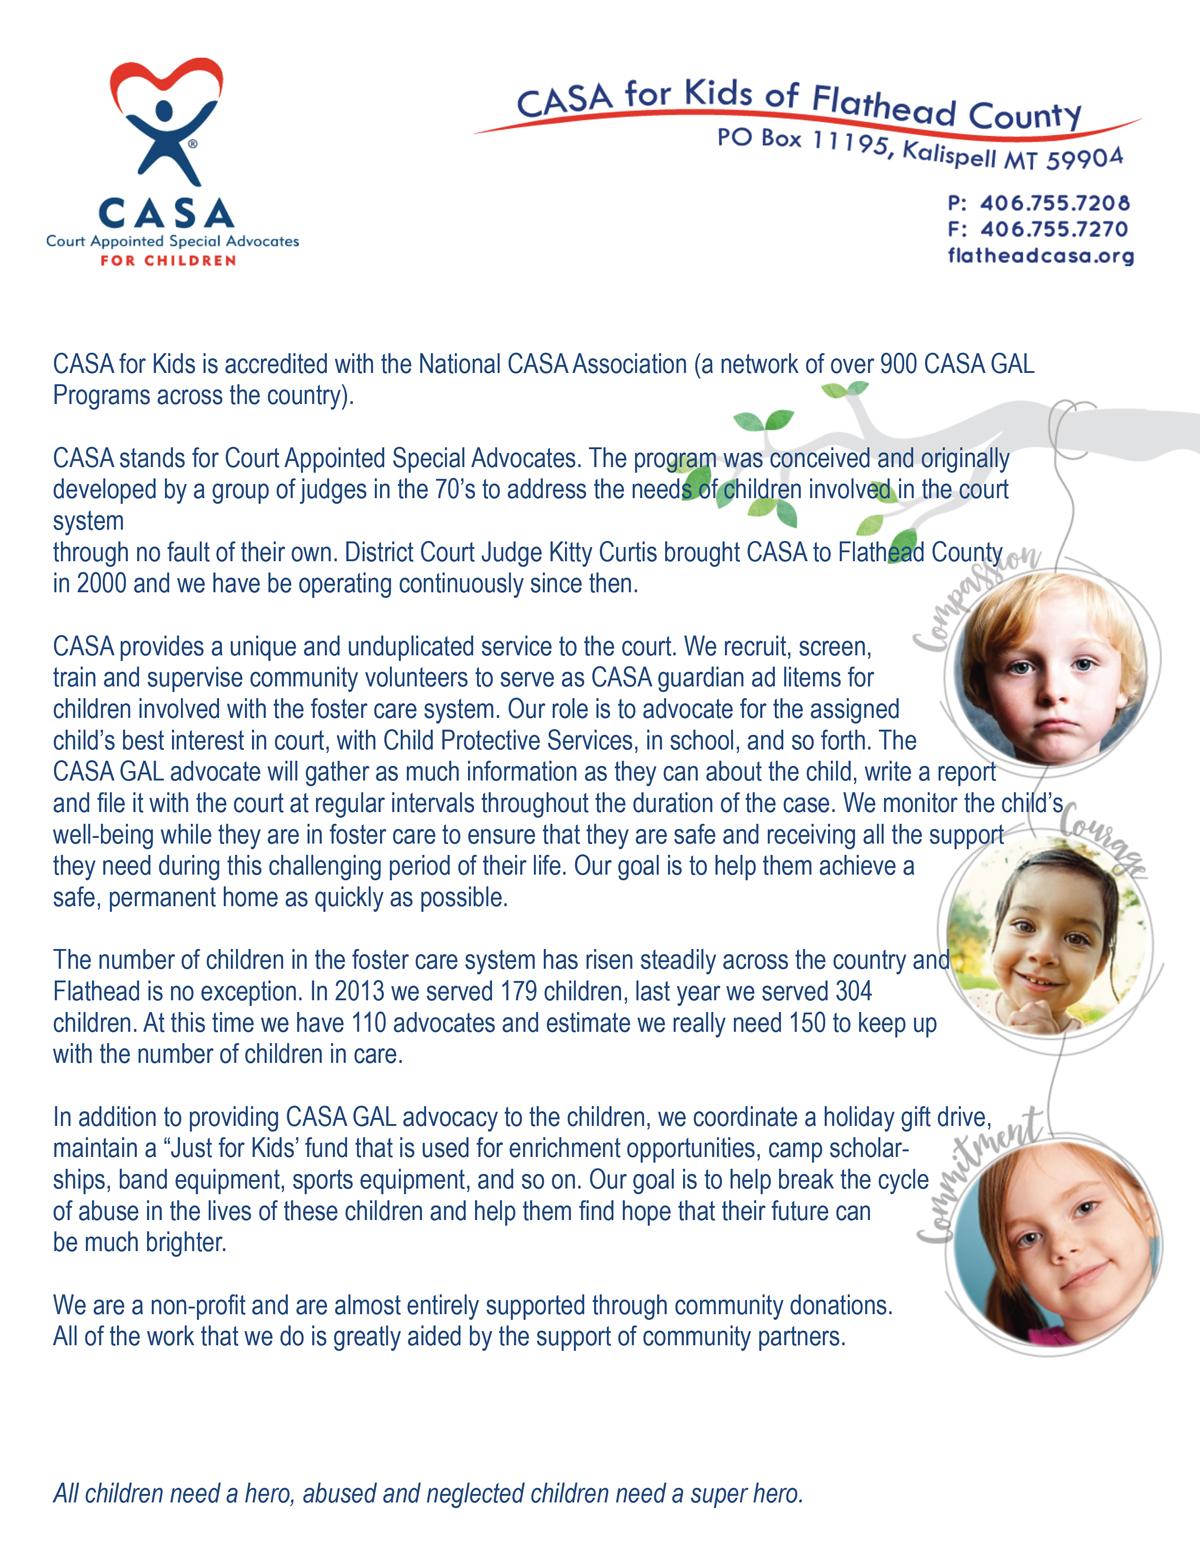 CASA-for-Kids